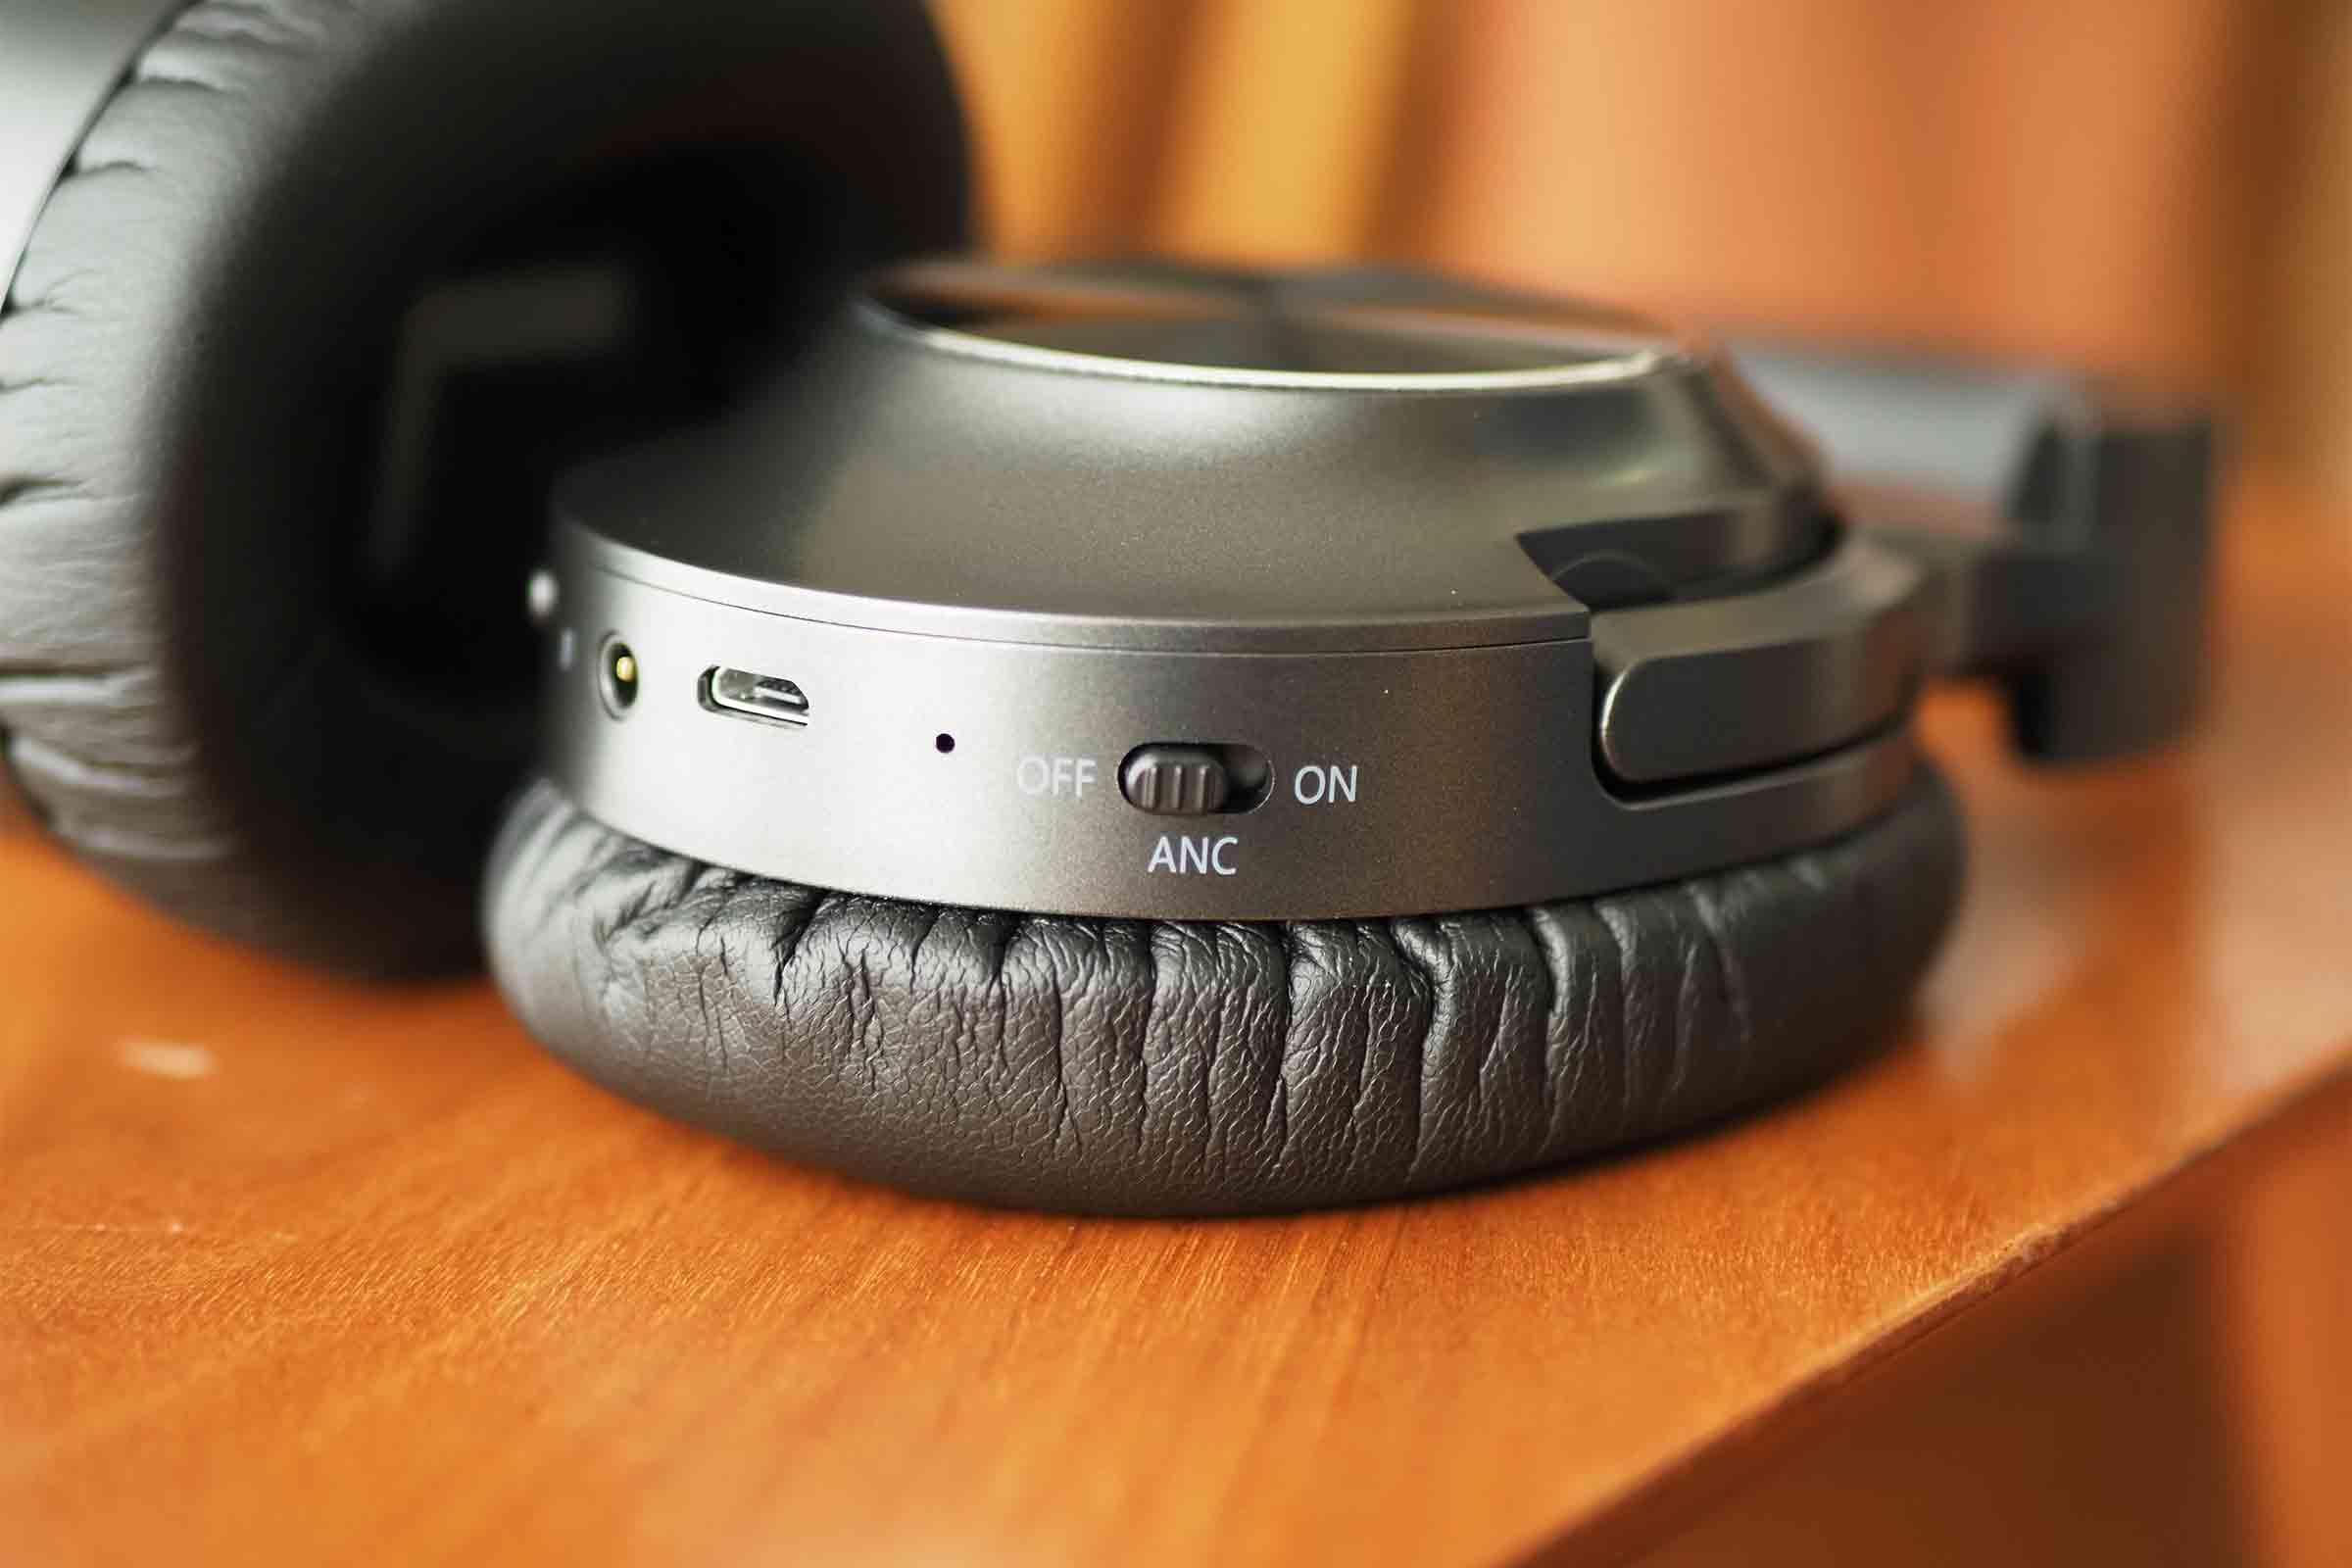 ワイヤレスイヤホン,ワイヤレスヘッドホン,vankyo,ノイズキャンセリング,音質,高音質,低音,安い,電源